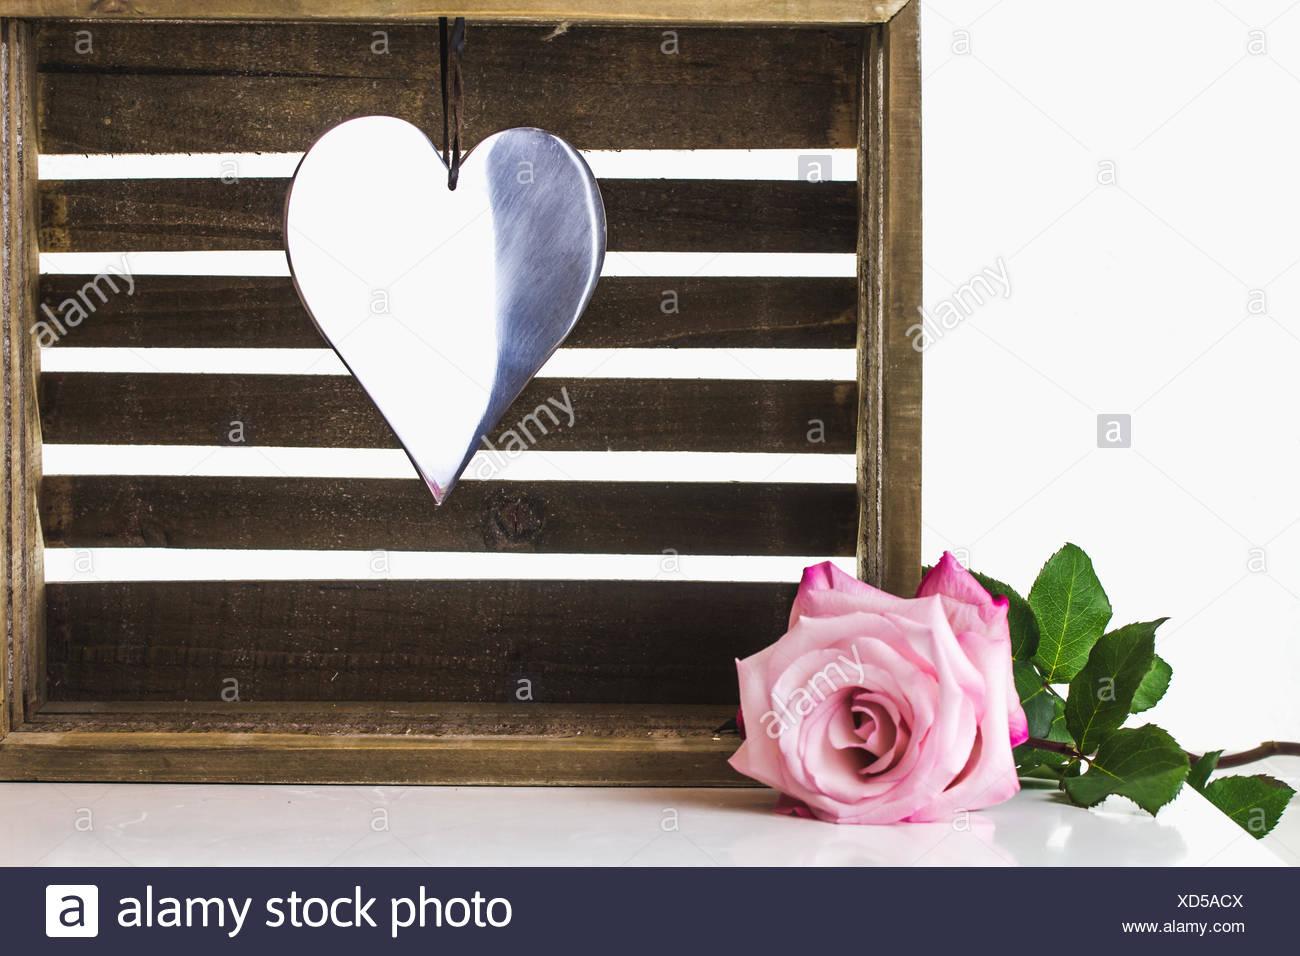 Eine Rose für die Schönheit - Stock Image